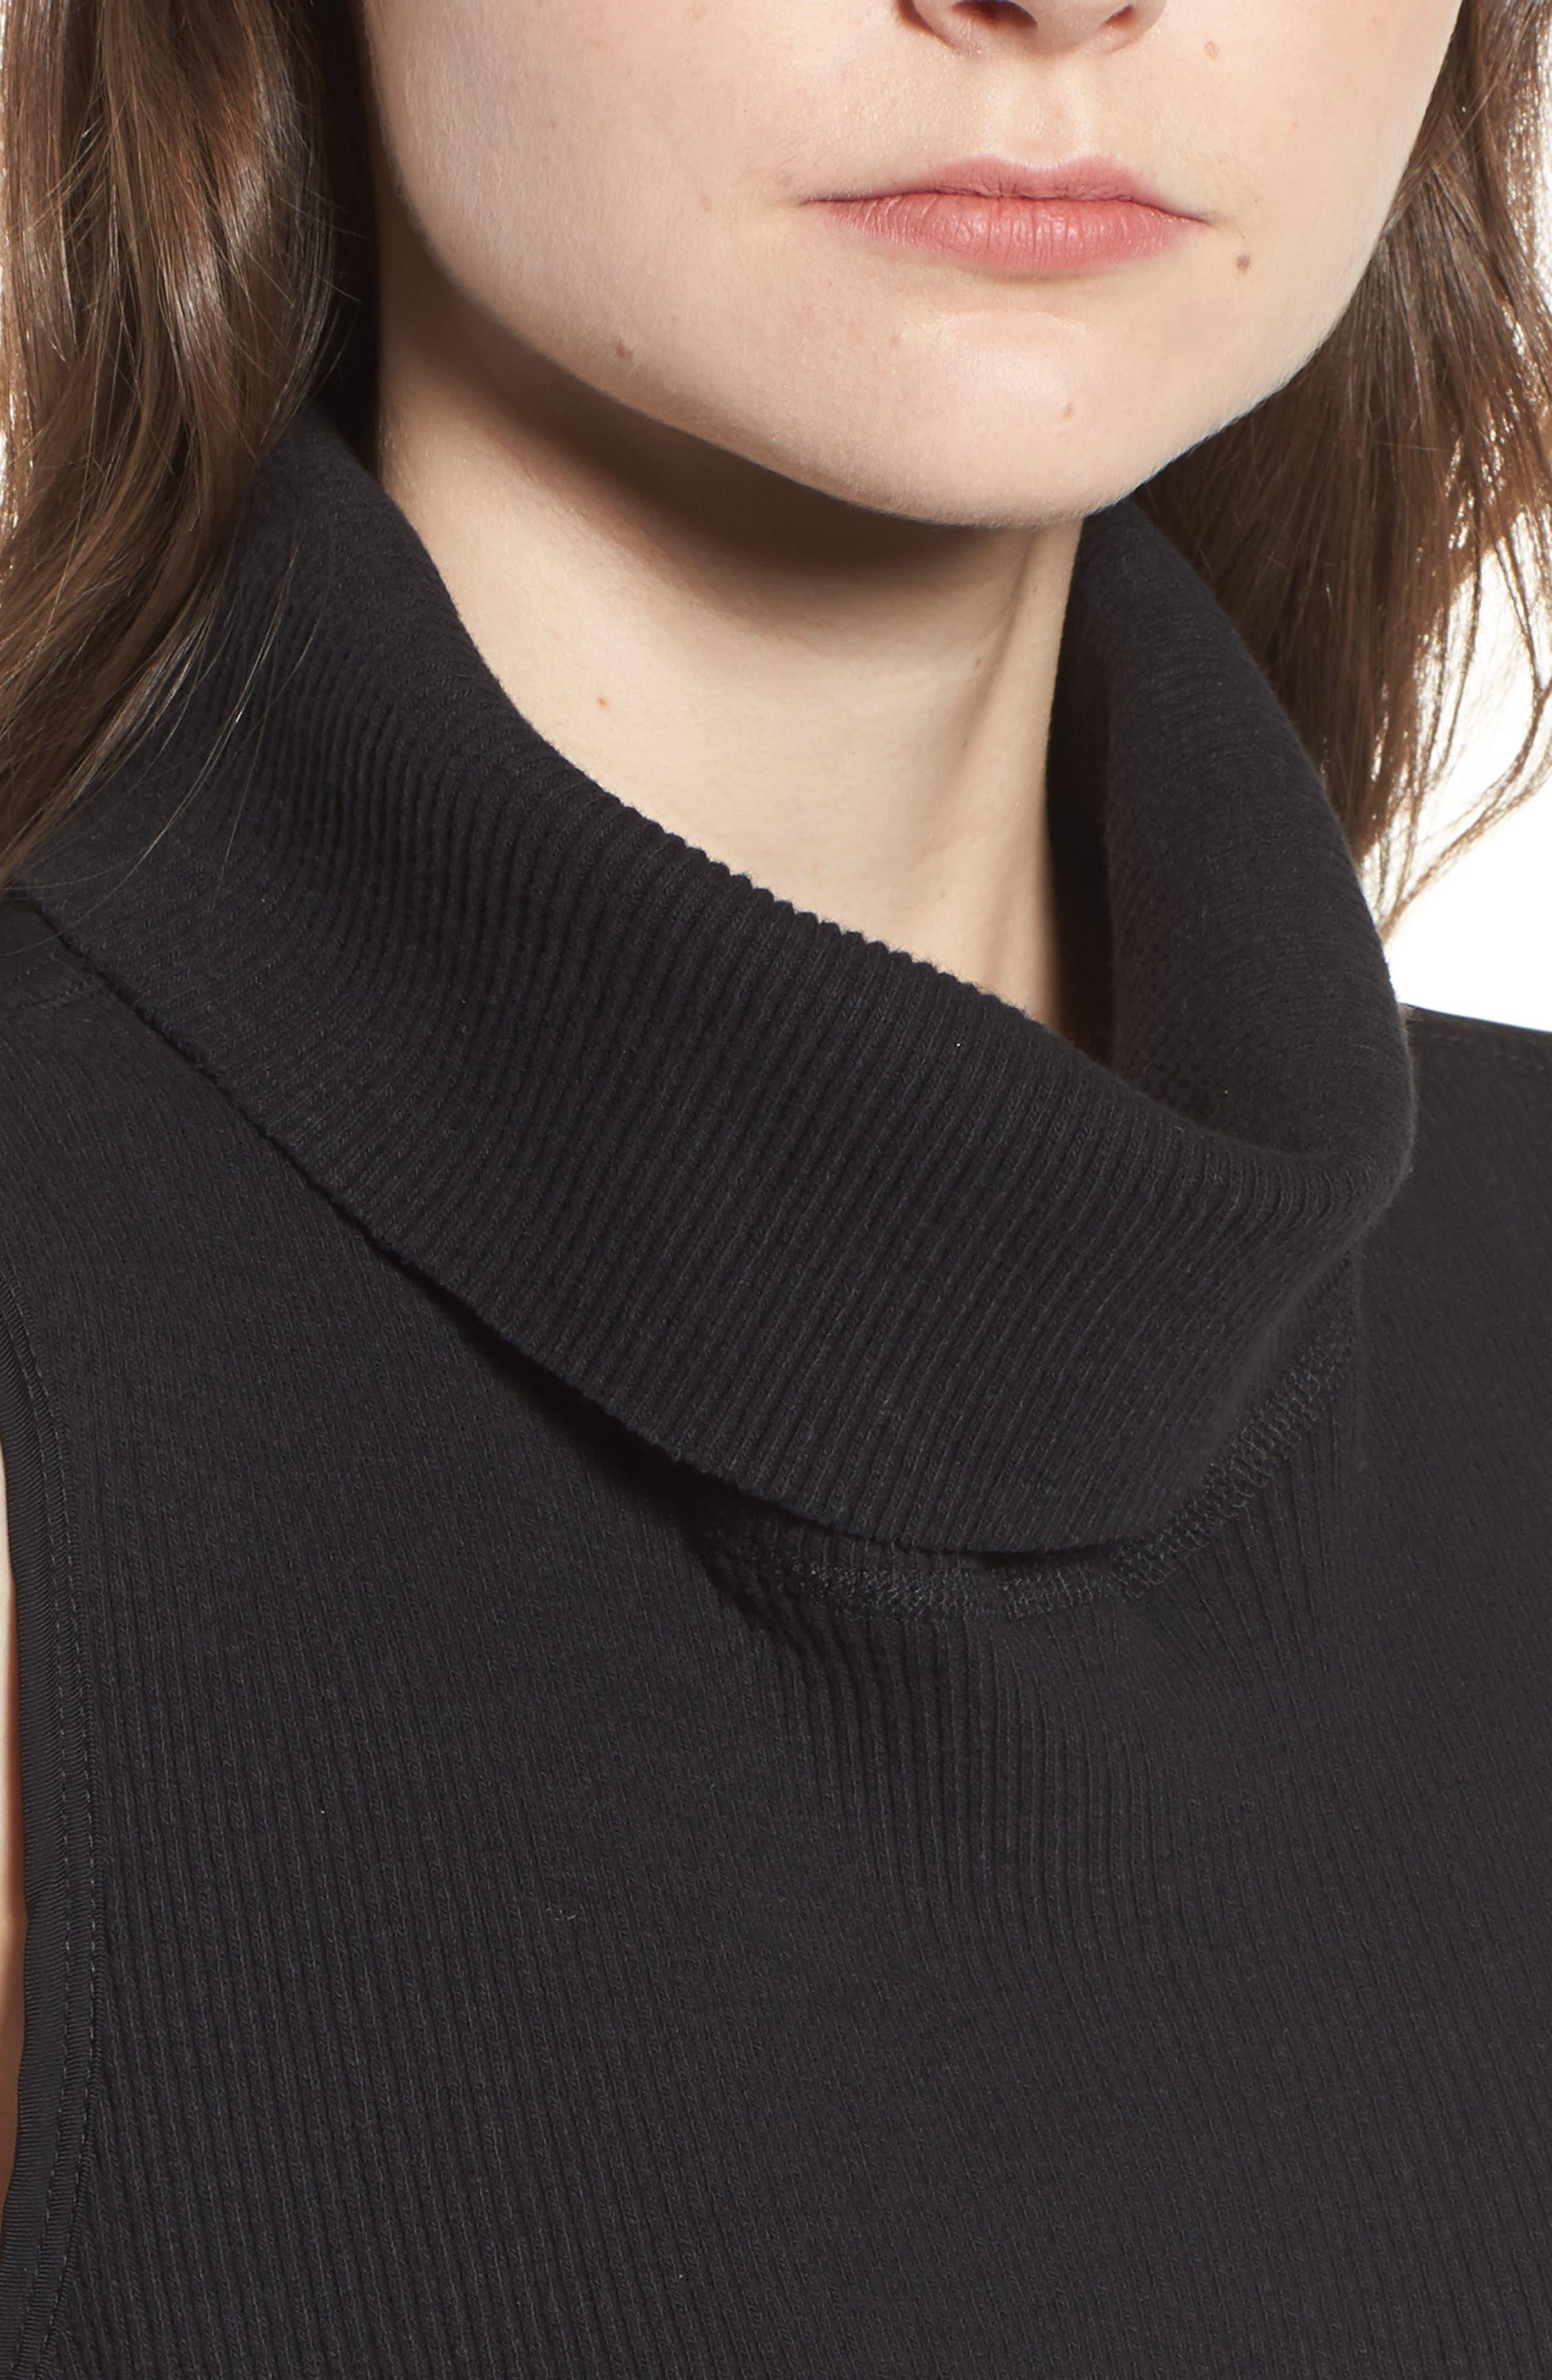 Mixed Media Turtleneck Shift Dress,                             Alternate thumbnail 4, color,                             Black